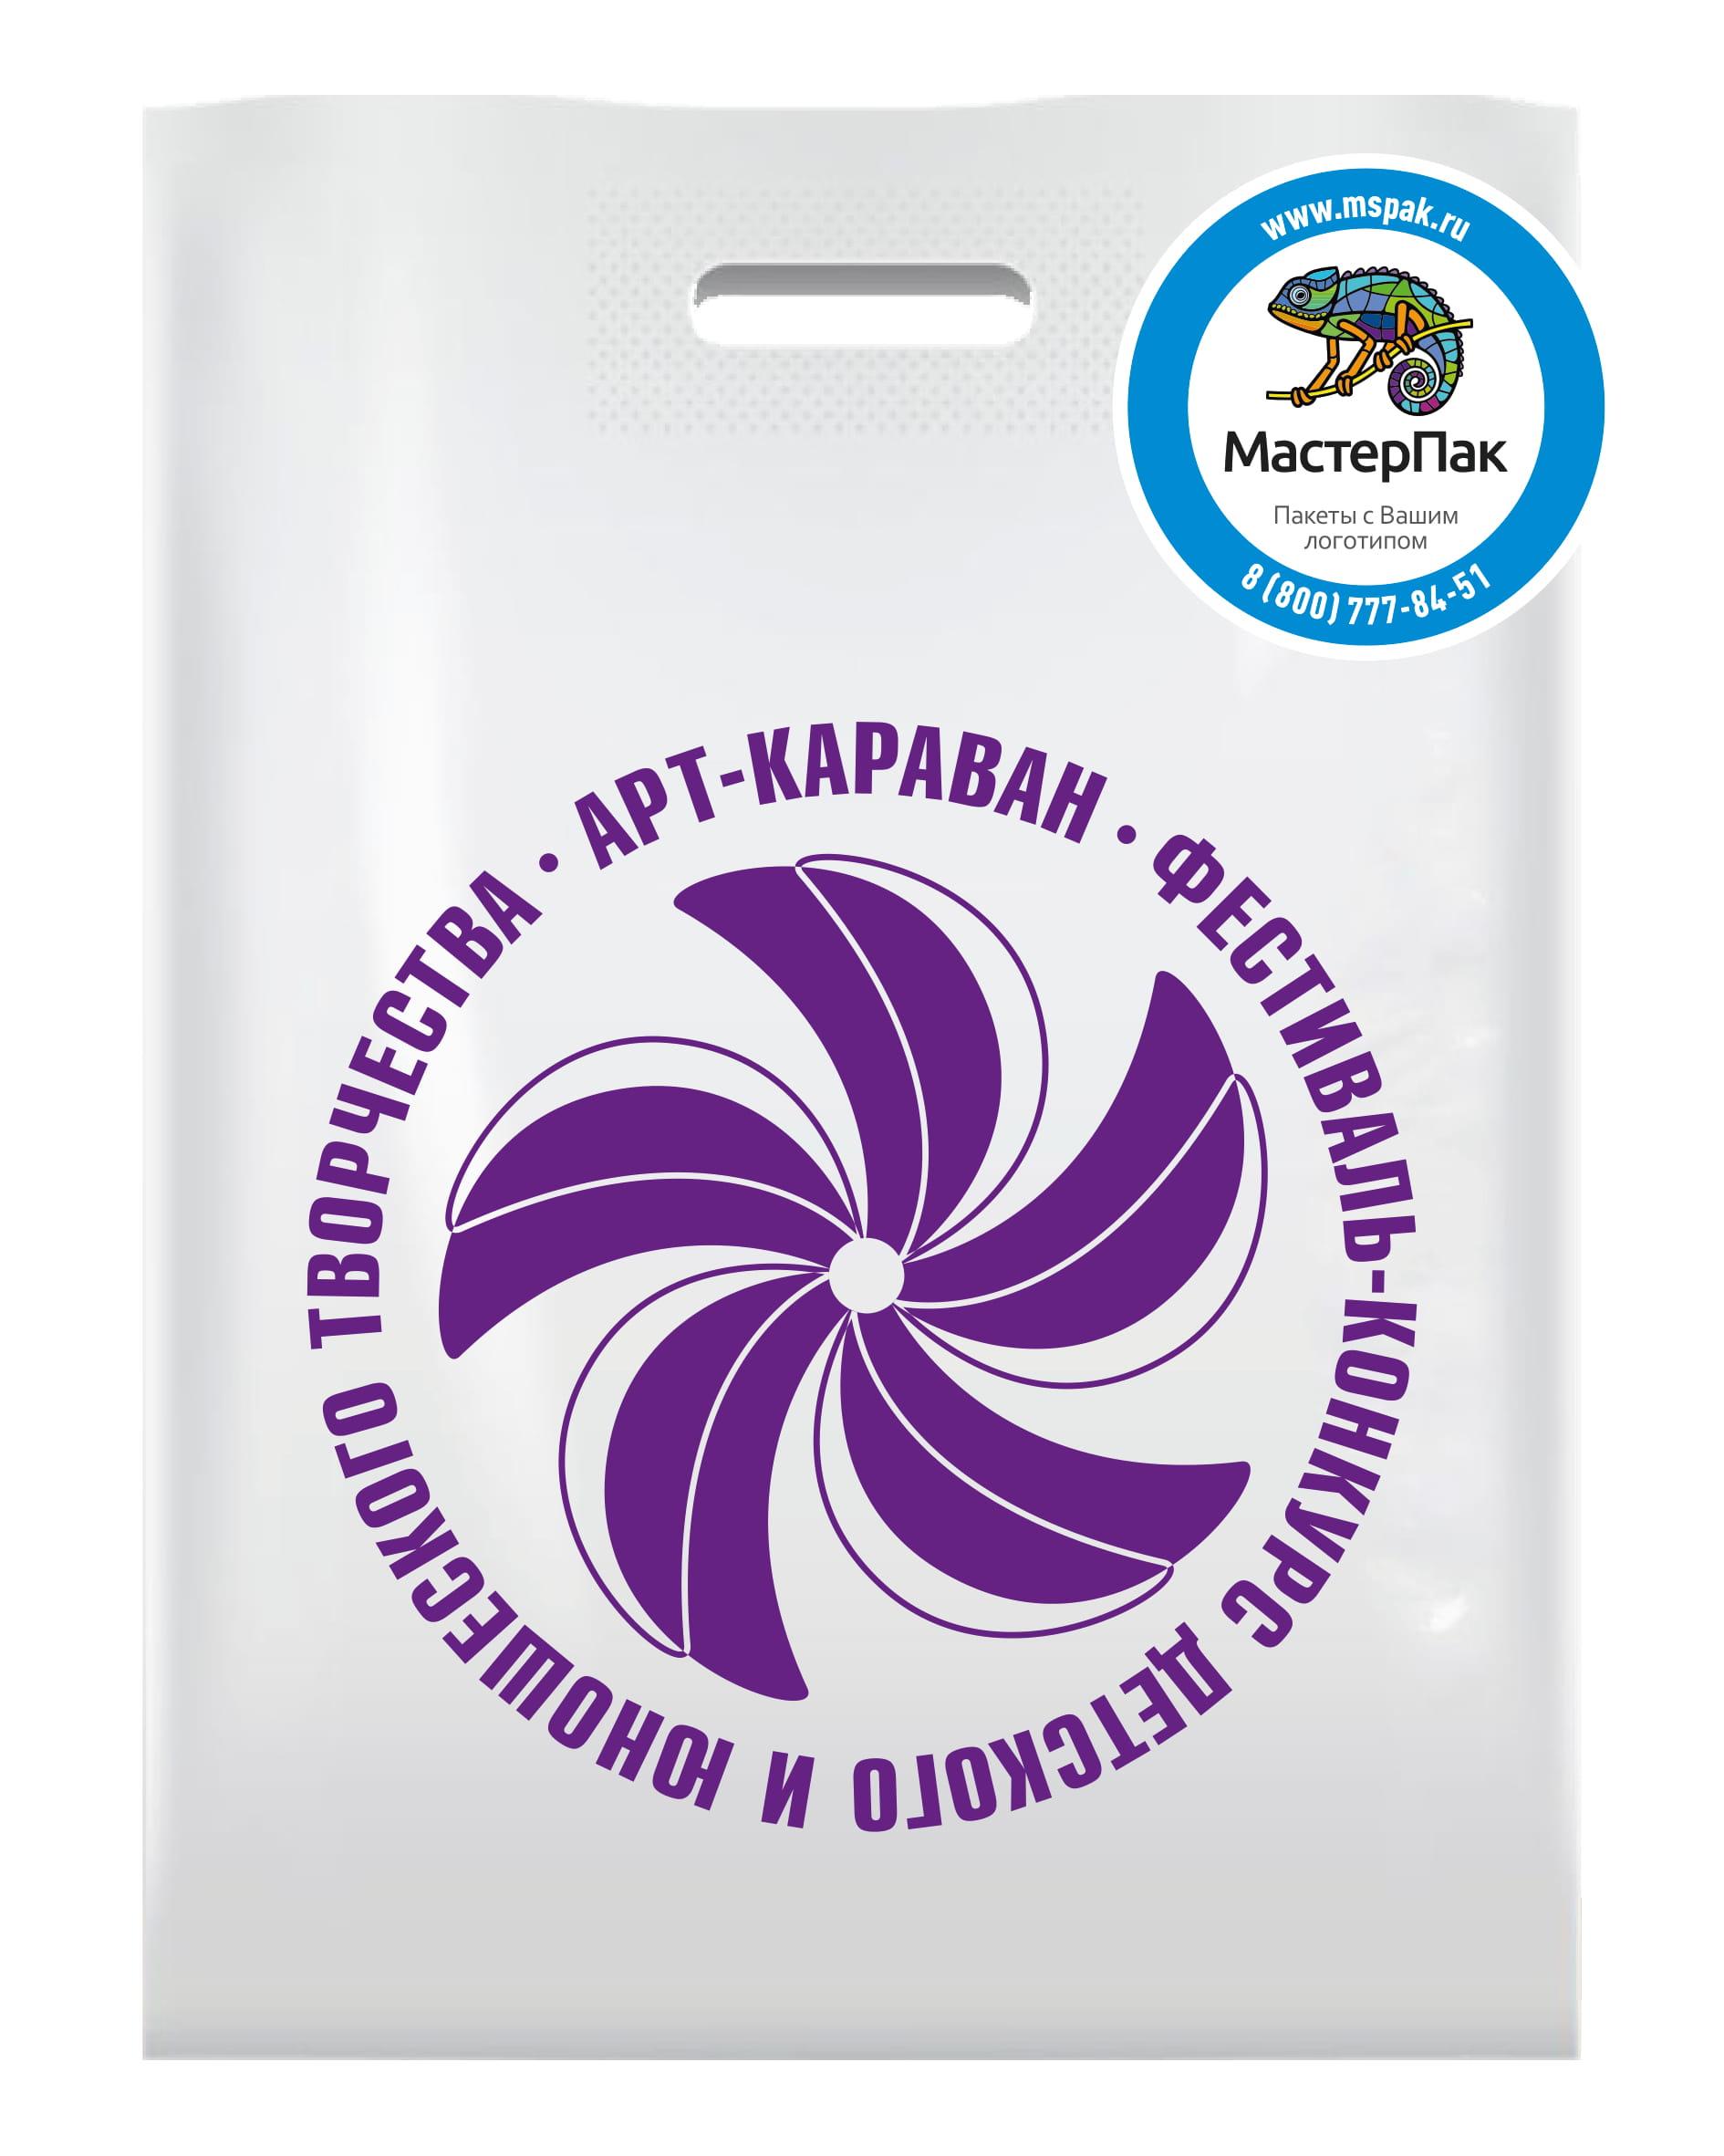 Пакет ПВД с логотипом агентства АРТ-Караван, СПб, 70 мкм, 30*40